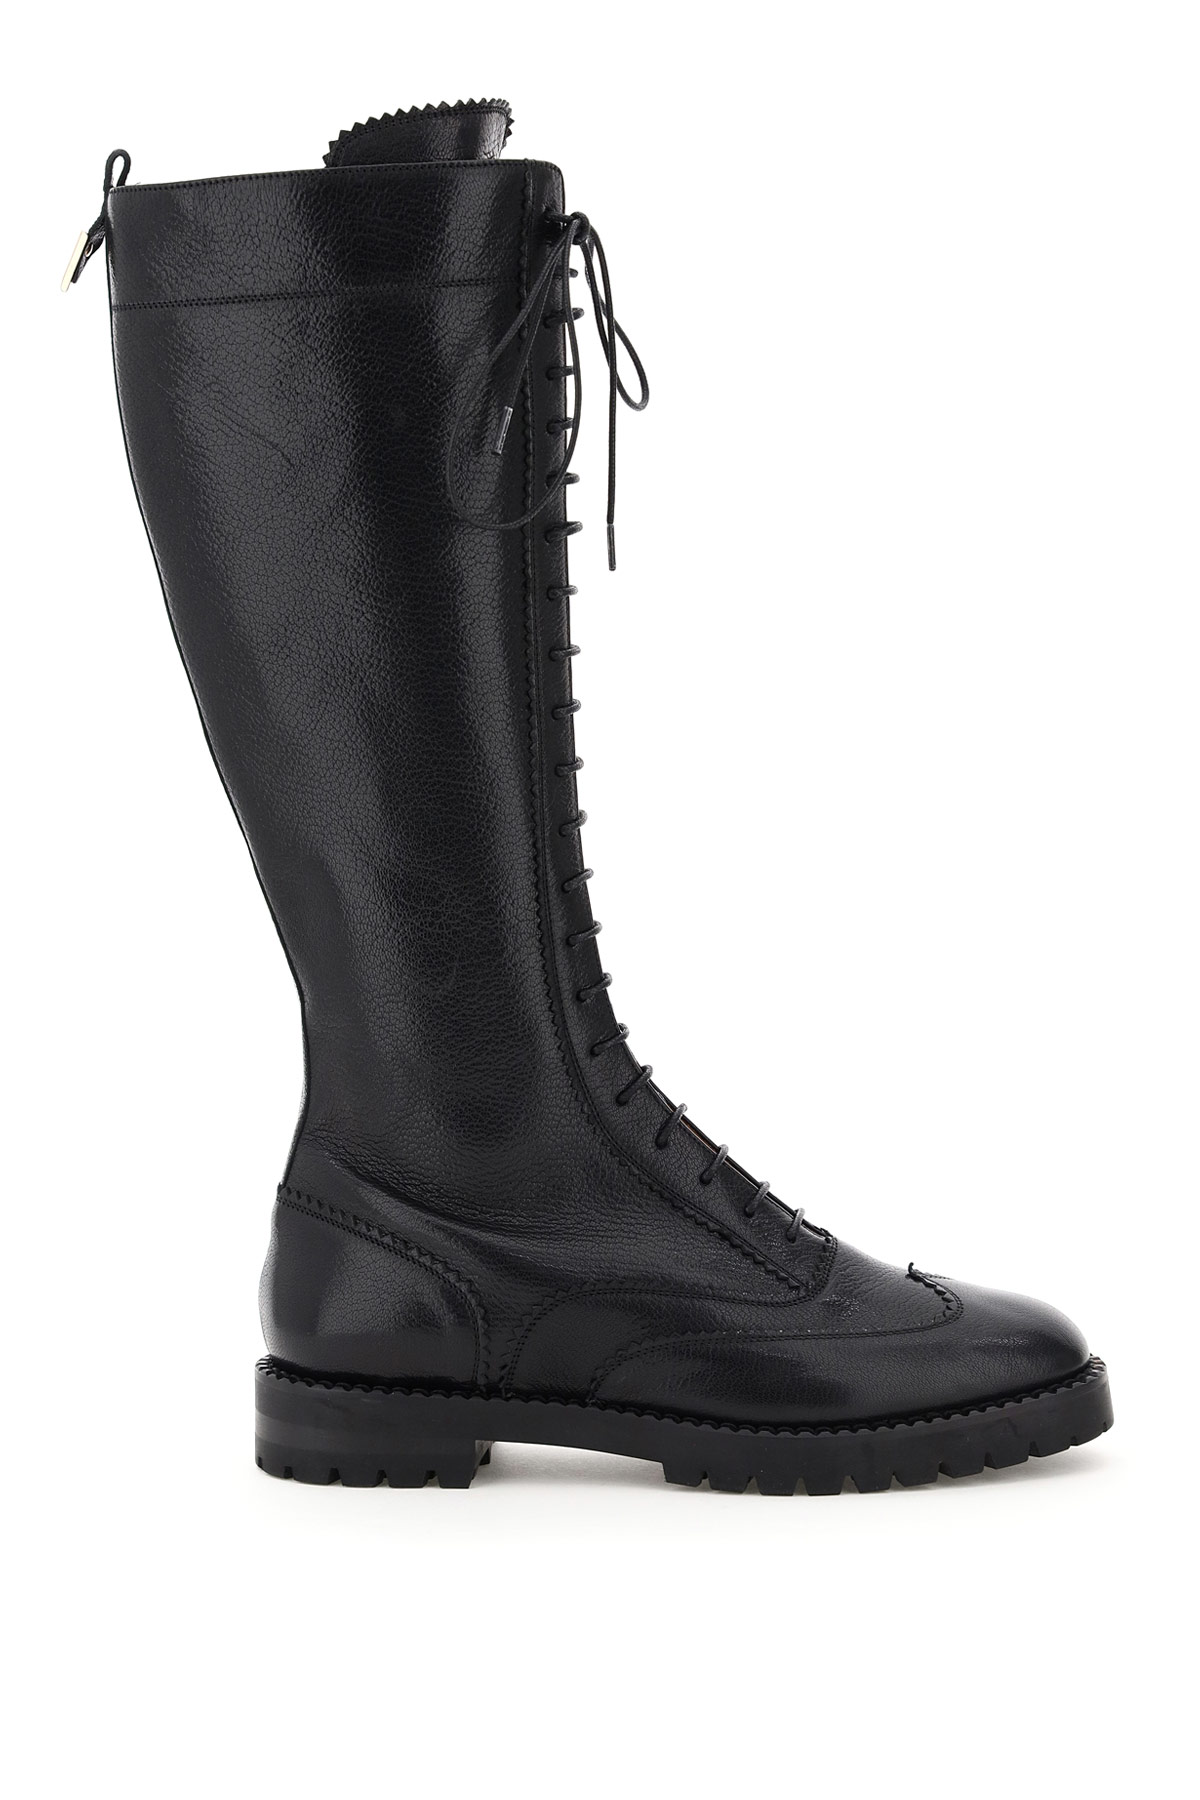 L'AUTRE CHOSE LEATHER LACE-UP BOOTS 35 Black Leather